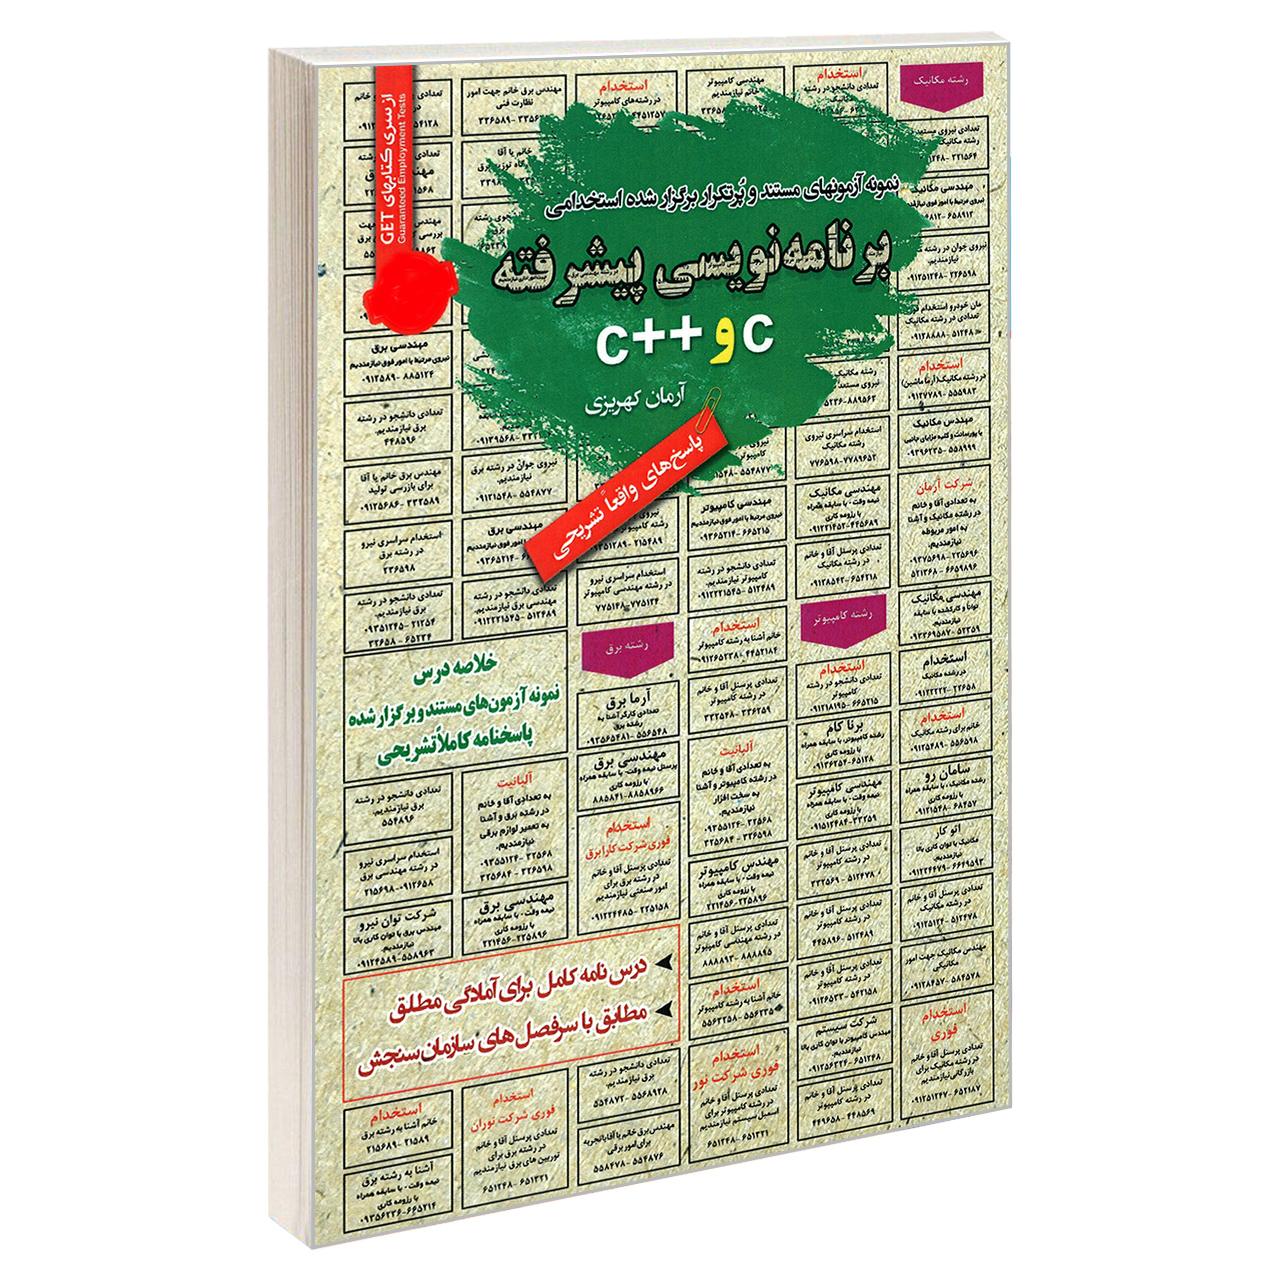 خرید                      کتاب نمونه آزمونهای مستند و پرتکرار برگزار شده استخدامی برنامه نویسی پیشرفته c و ++c اثر مهندس آرمان کهریزی انتشارات رویای سبز